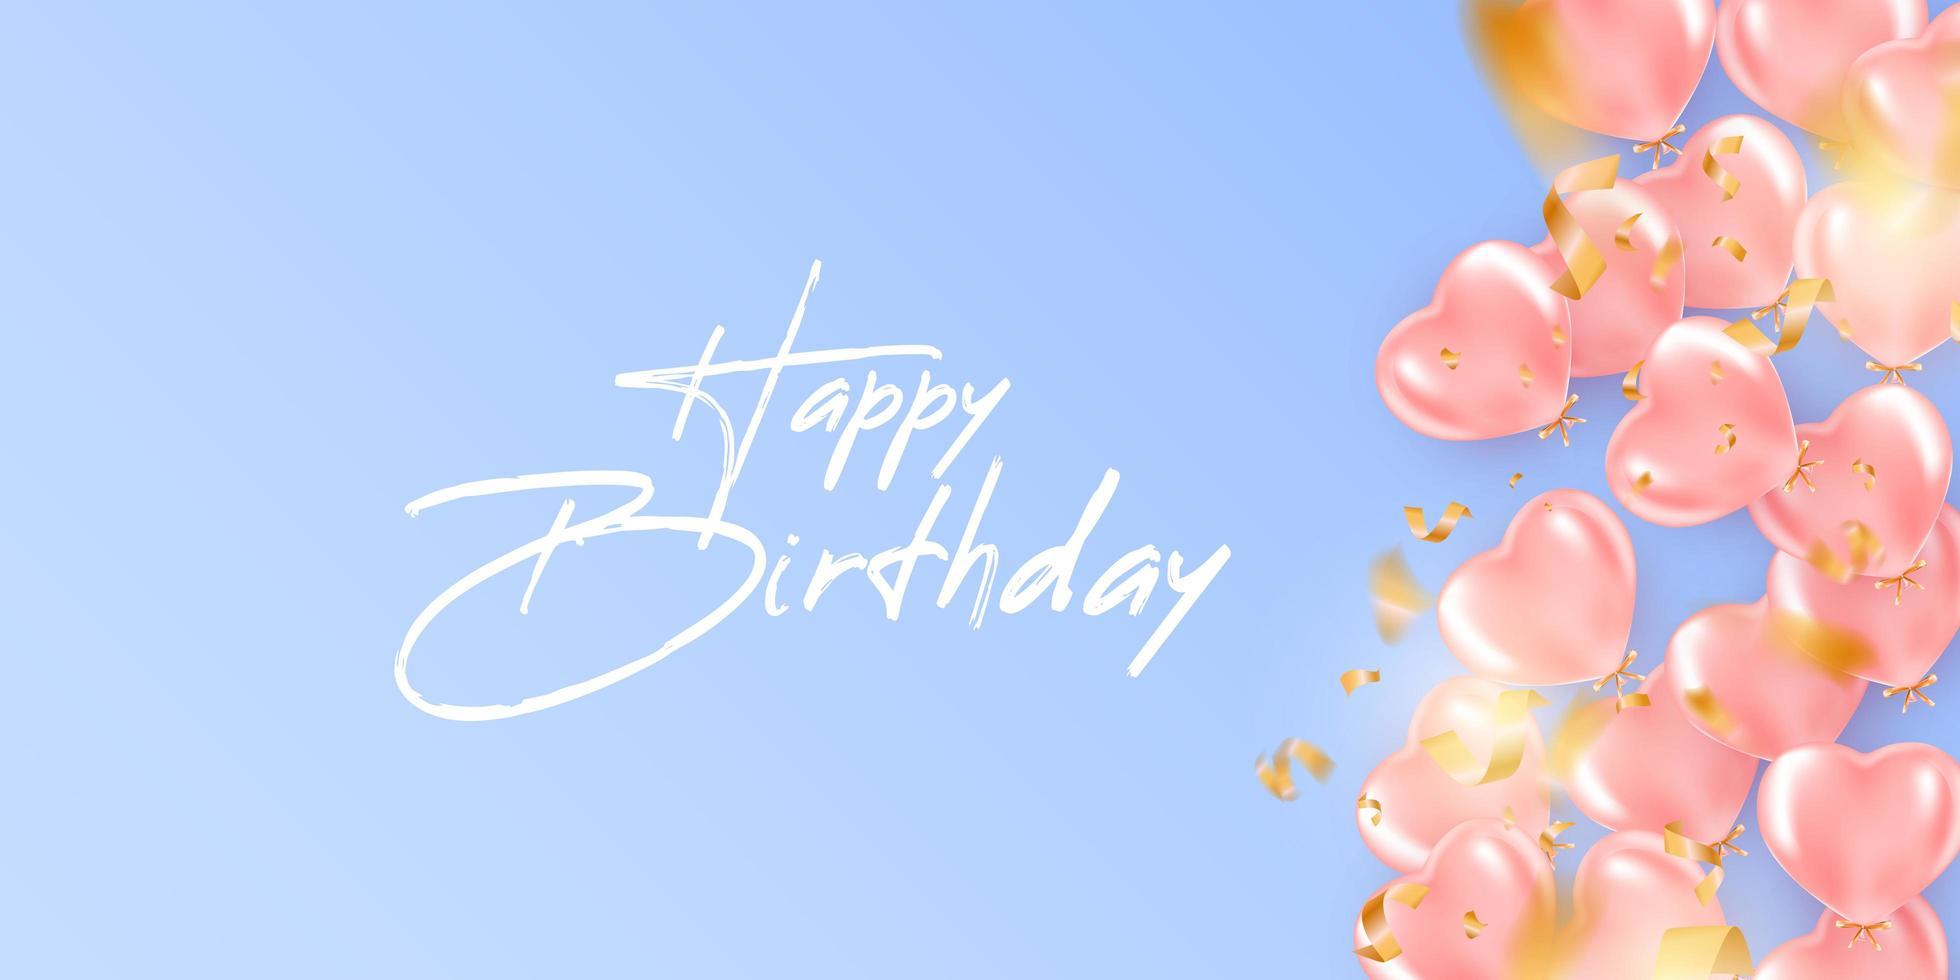 fond festif d'anniversaire avec des ballons d'hélium en forme de coeur vecteur